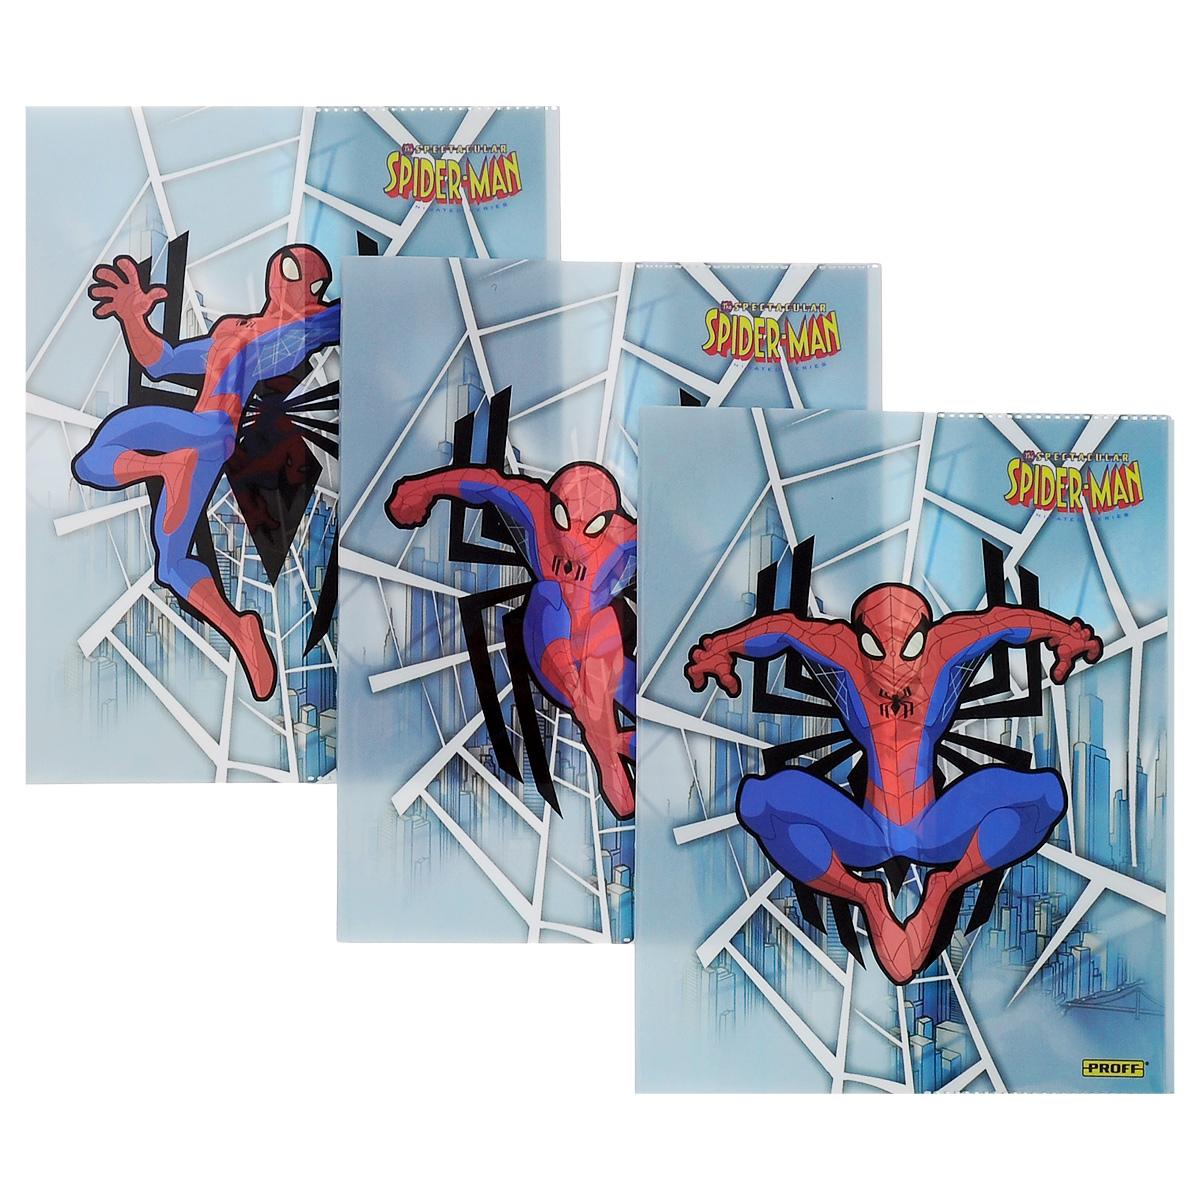 Набор обложек для тетрадей и дневников Proff Spider-Man, 35,5 см х 21,6 см, 3 штBSL_ROZ_SPIDER-MANПрочная обложка Proff Spider-Man, изготовленная из ПВХ, защитит поверхность тетради или дневника от изнашивания и загрязнений. Изделие оформлено ярким изображением любимого супергероя.